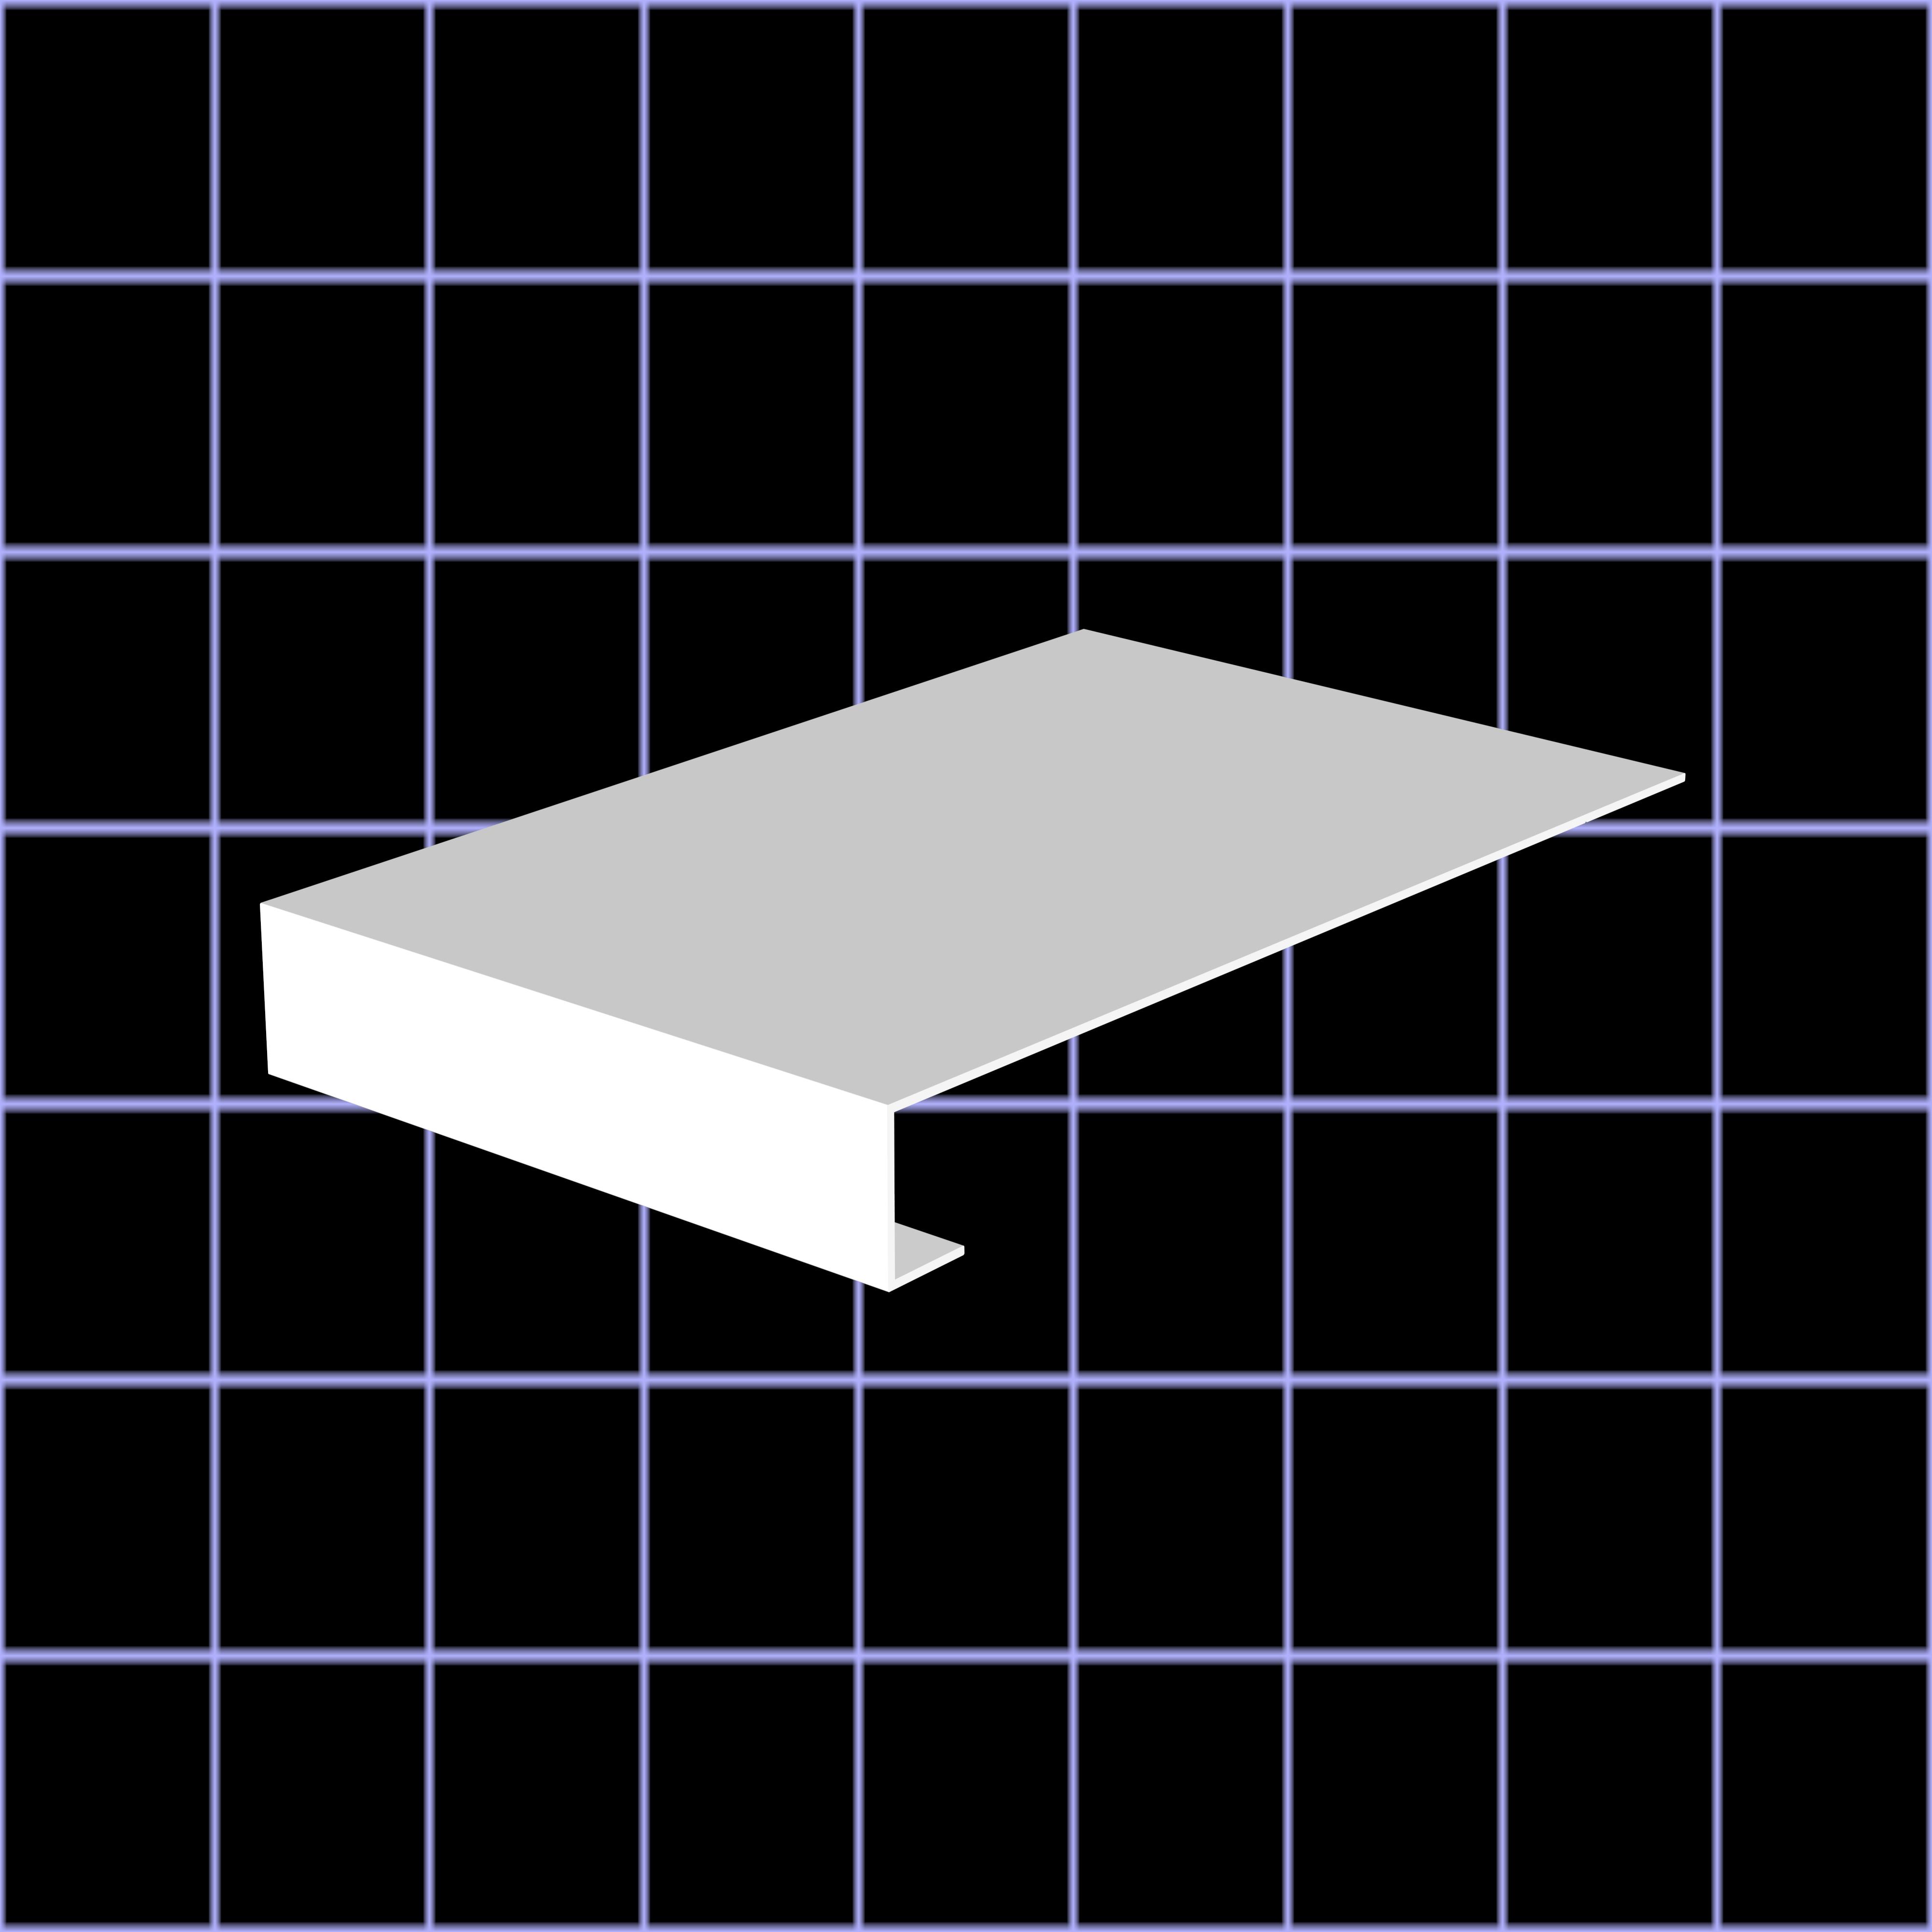 Tecniplast produits planches de soufflage et recouvrements for Soufflage de fenetre